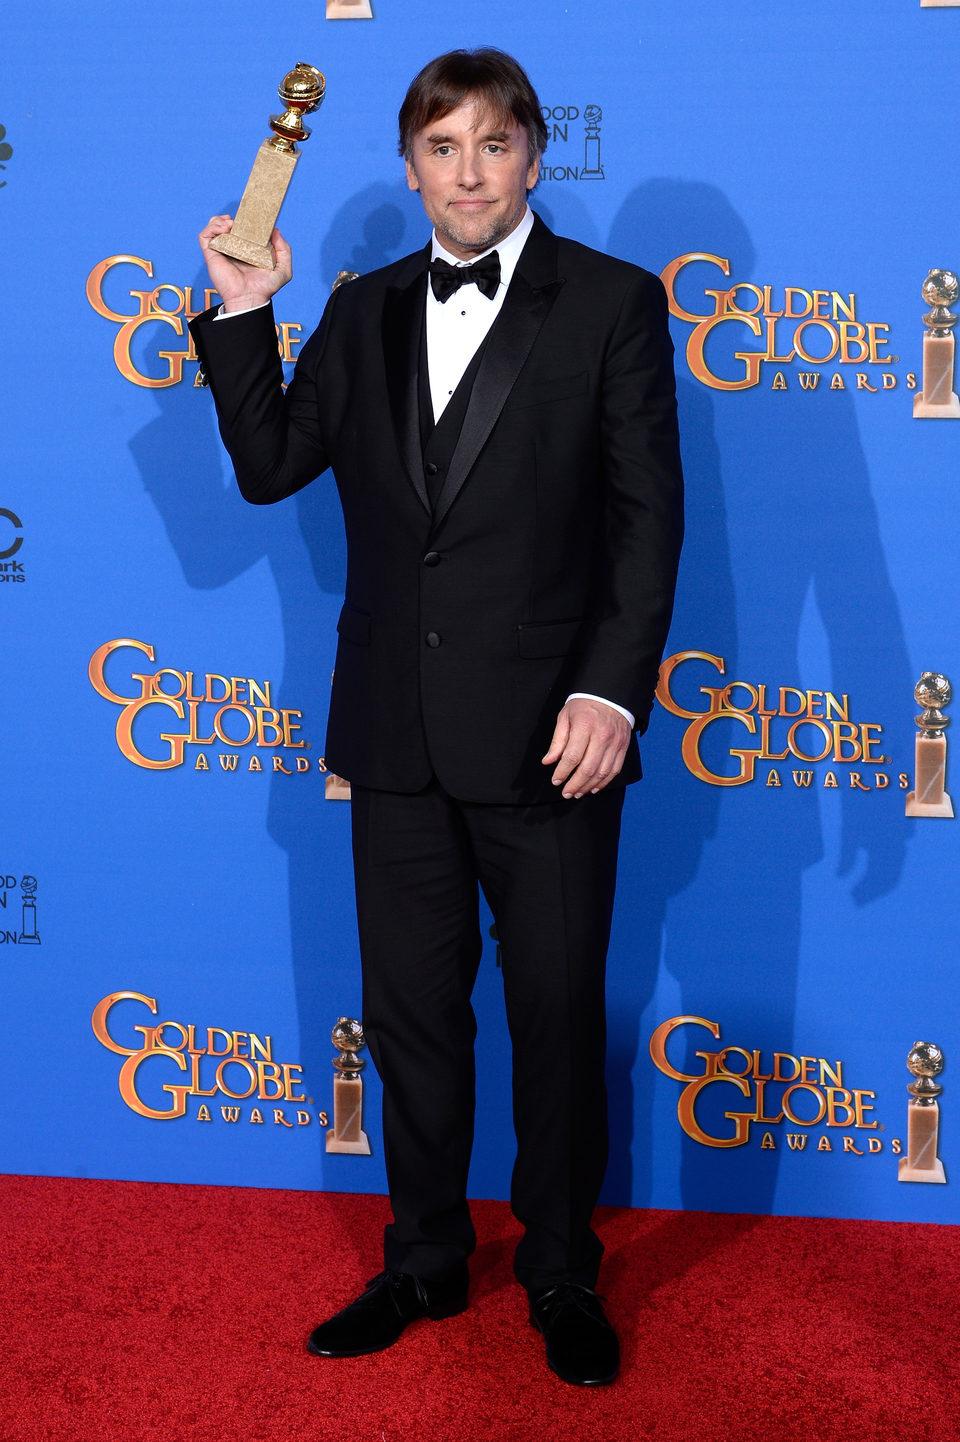 Richard Linklater, winner of the Golden Globe 2015 for the best director